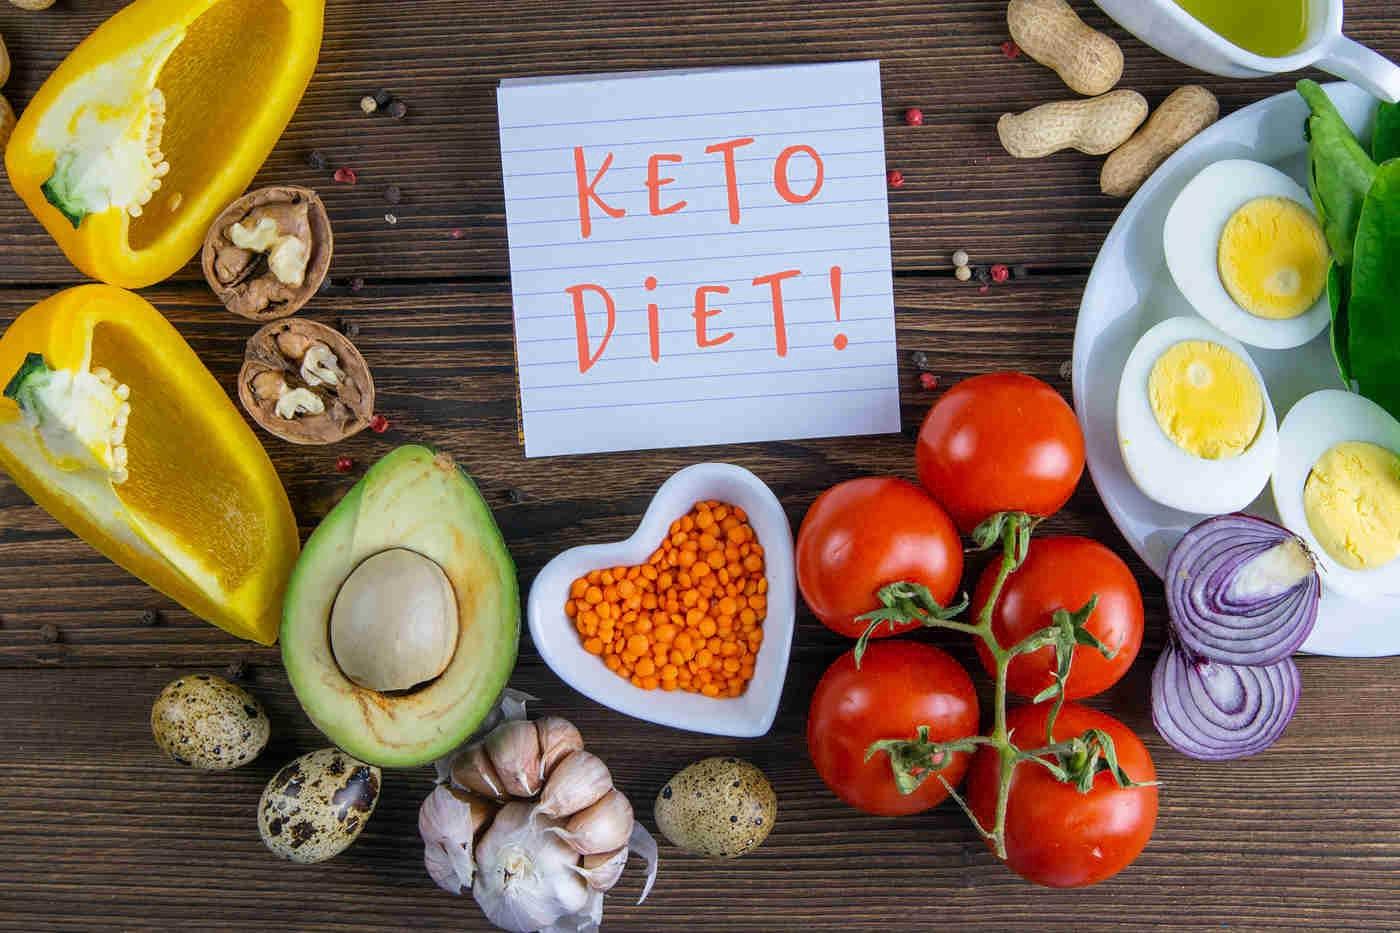 Dieta ketogenică: ce efecte secundare are și cum le previi